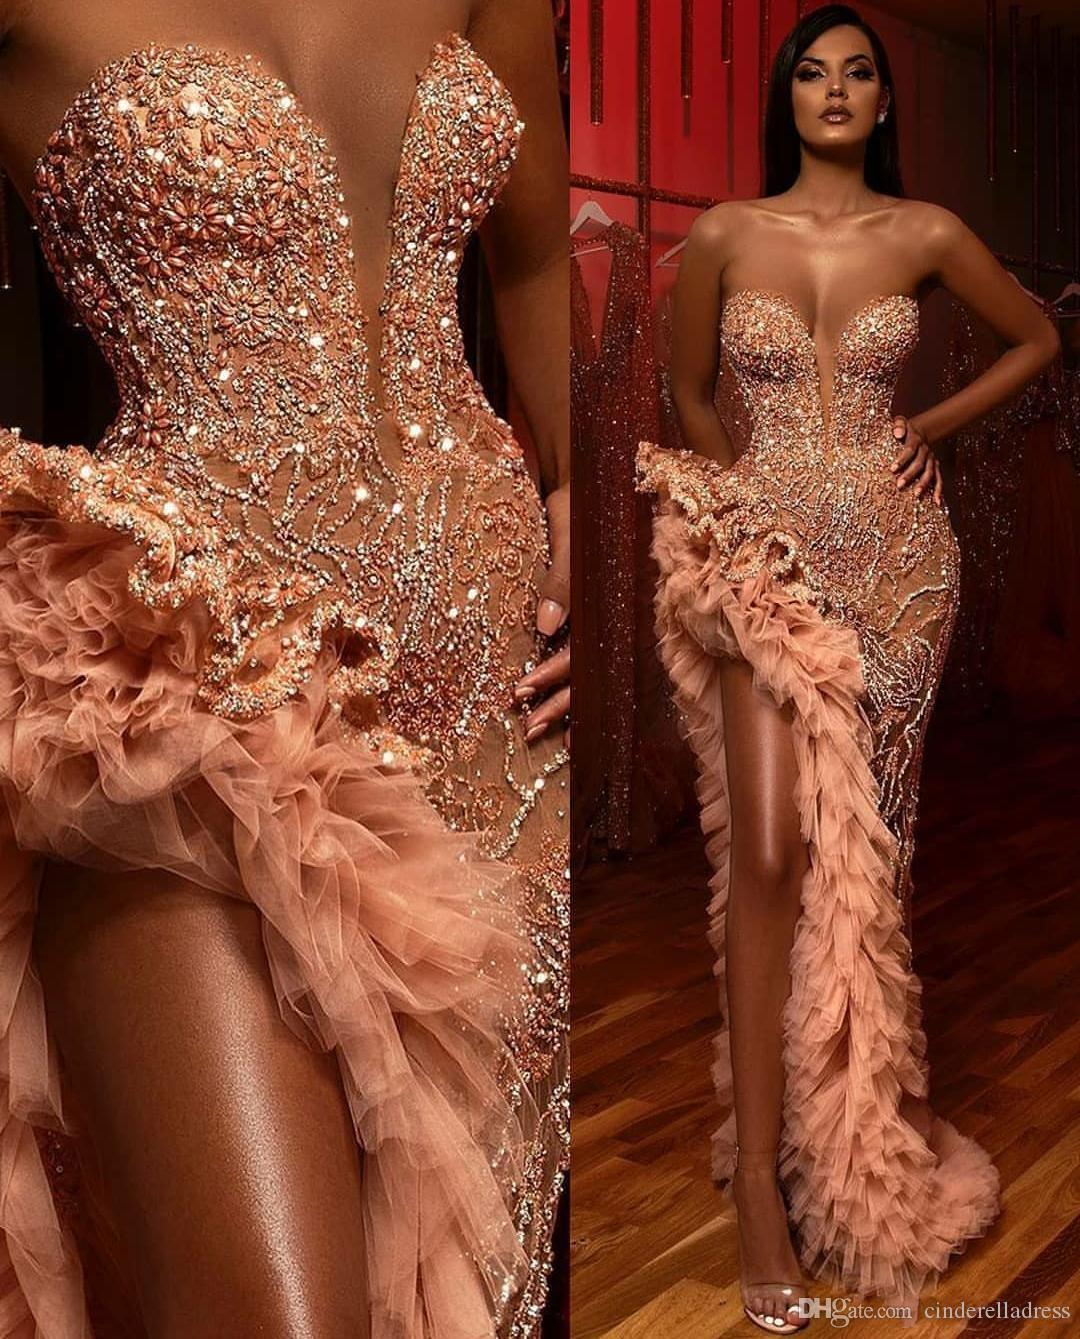 Elegante Schenkel Hohe Slits Abendkleider 2020 Arabisch Sweetheart Perlen Kristalle Abendkleider mit Pailletten Tiered Rüschen Roben de soirée